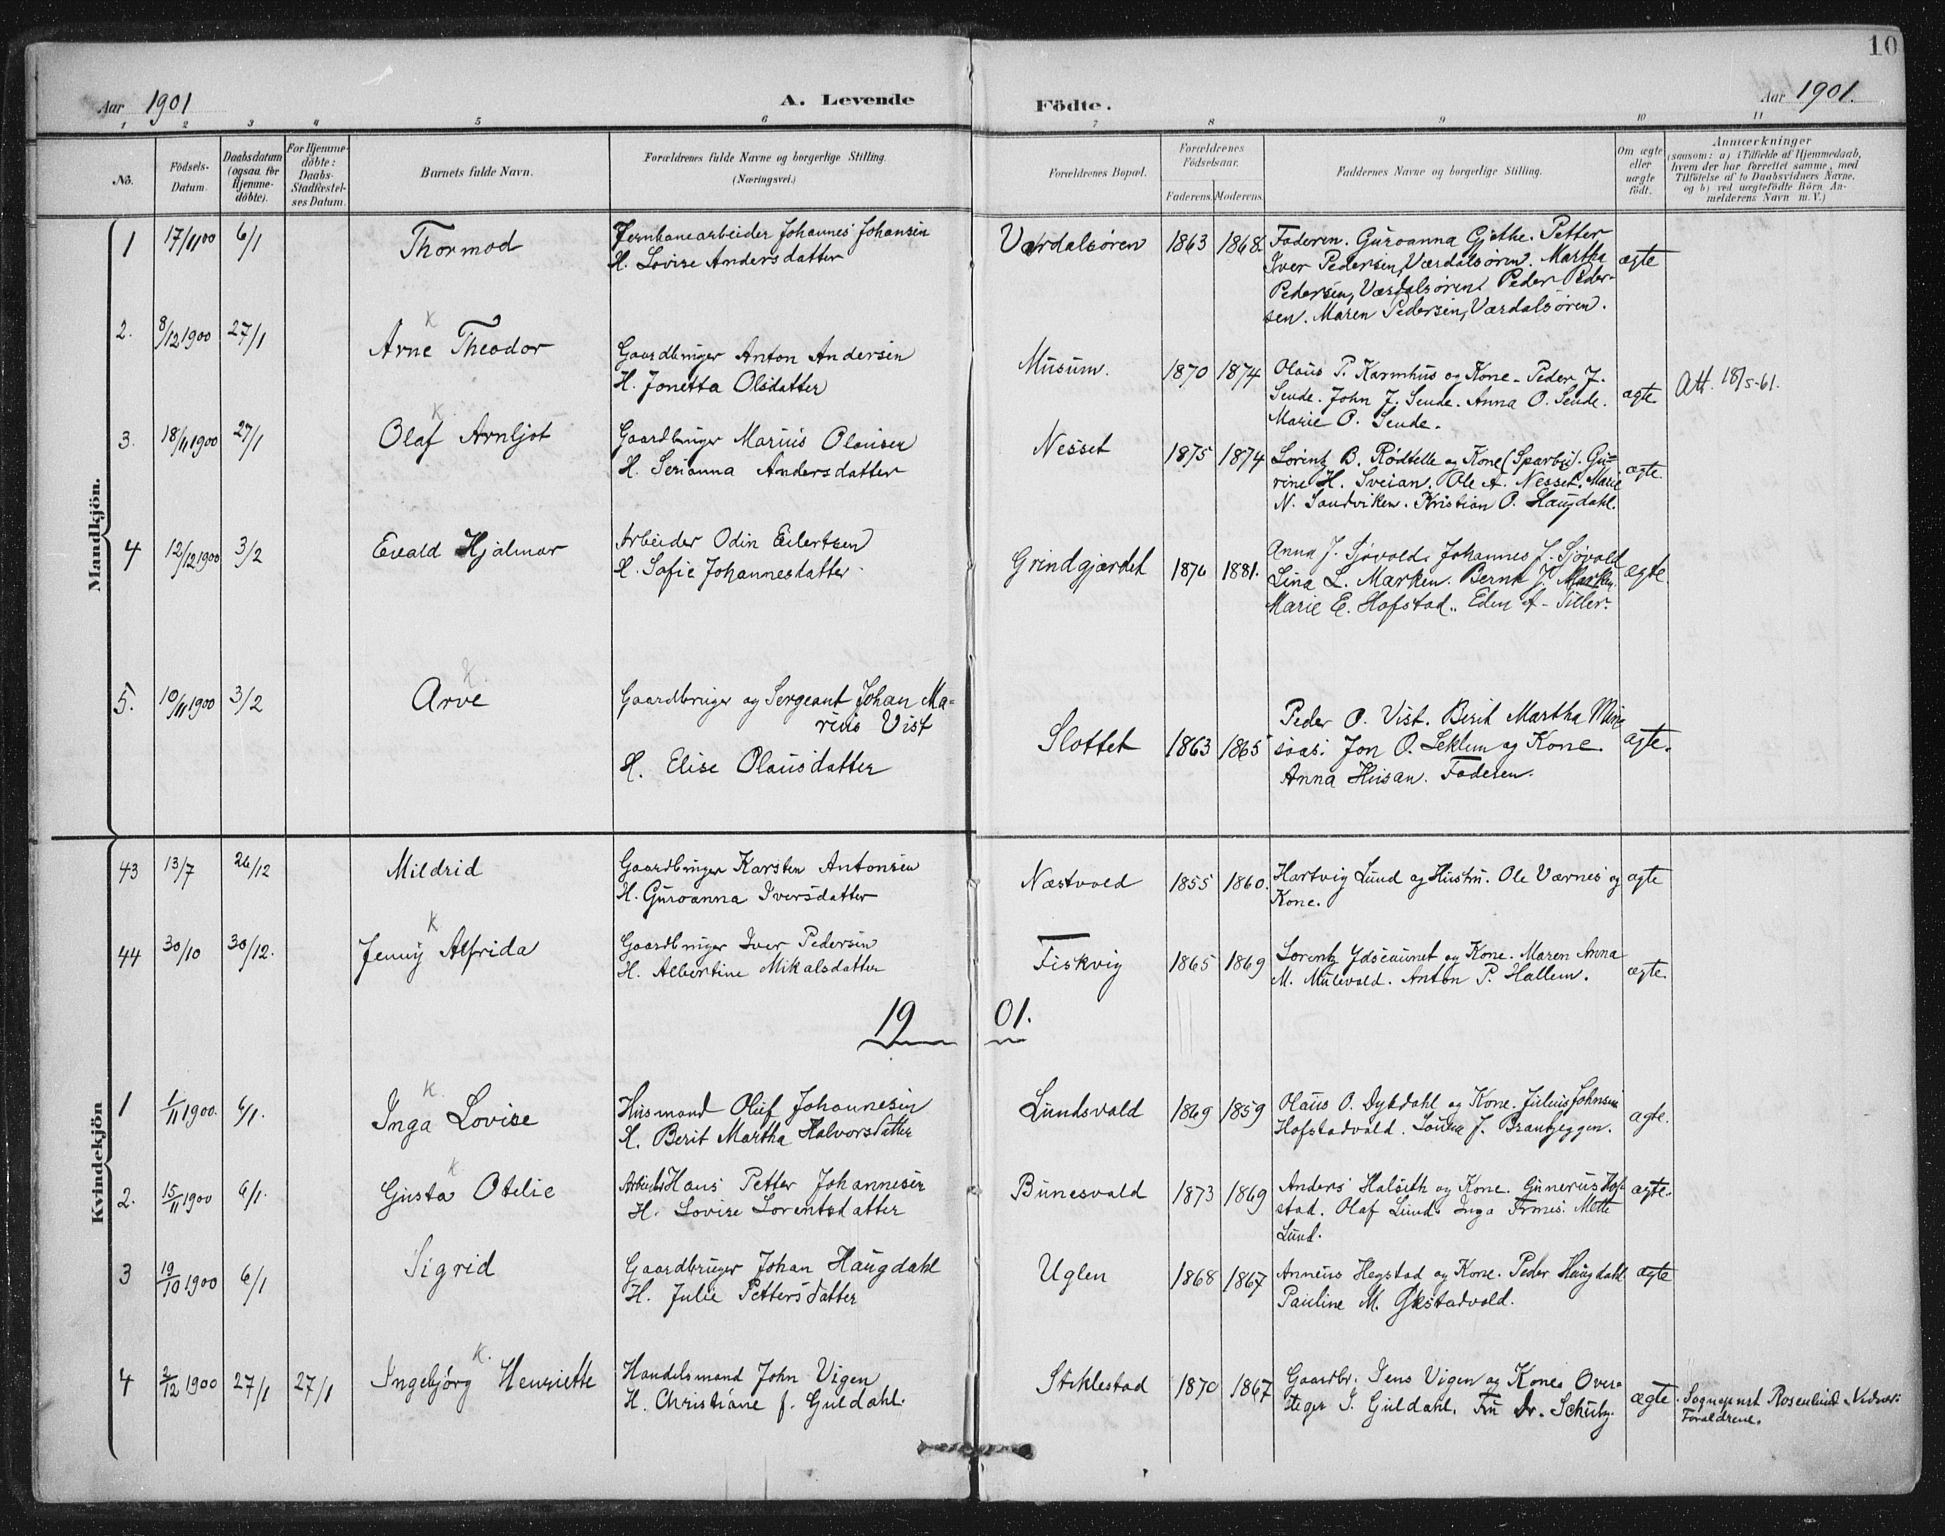 SAT, Ministerialprotokoller, klokkerbøker og fødselsregistre - Nord-Trøndelag, 723/L0246: Ministerialbok nr. 723A15, 1900-1917, s. 10